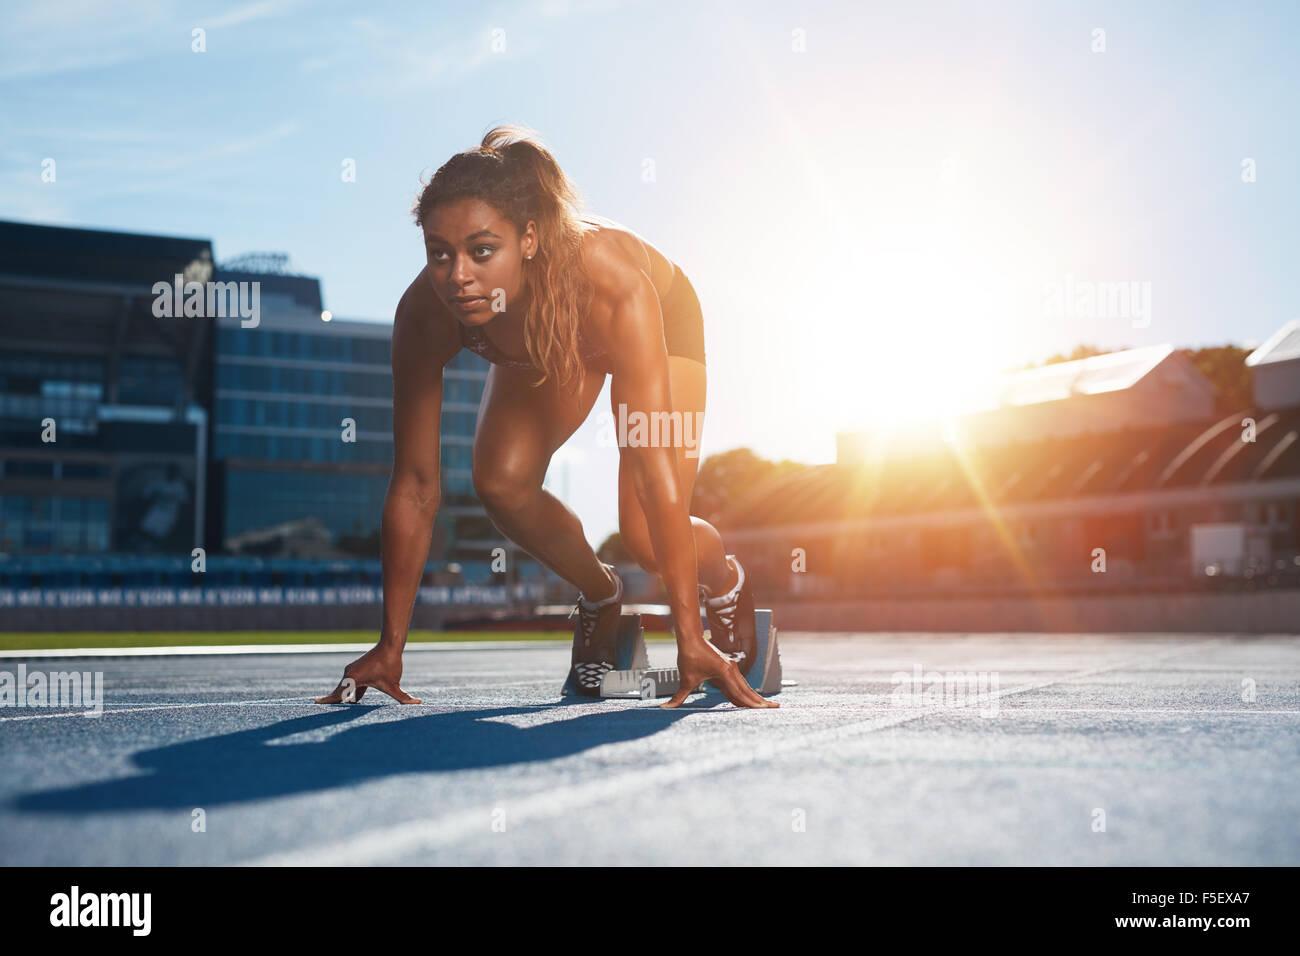 Seguros de atleta femenina en posición inicial listo para ejecutar. Mujer joven que inicia un sprint en busca Imagen De Stock